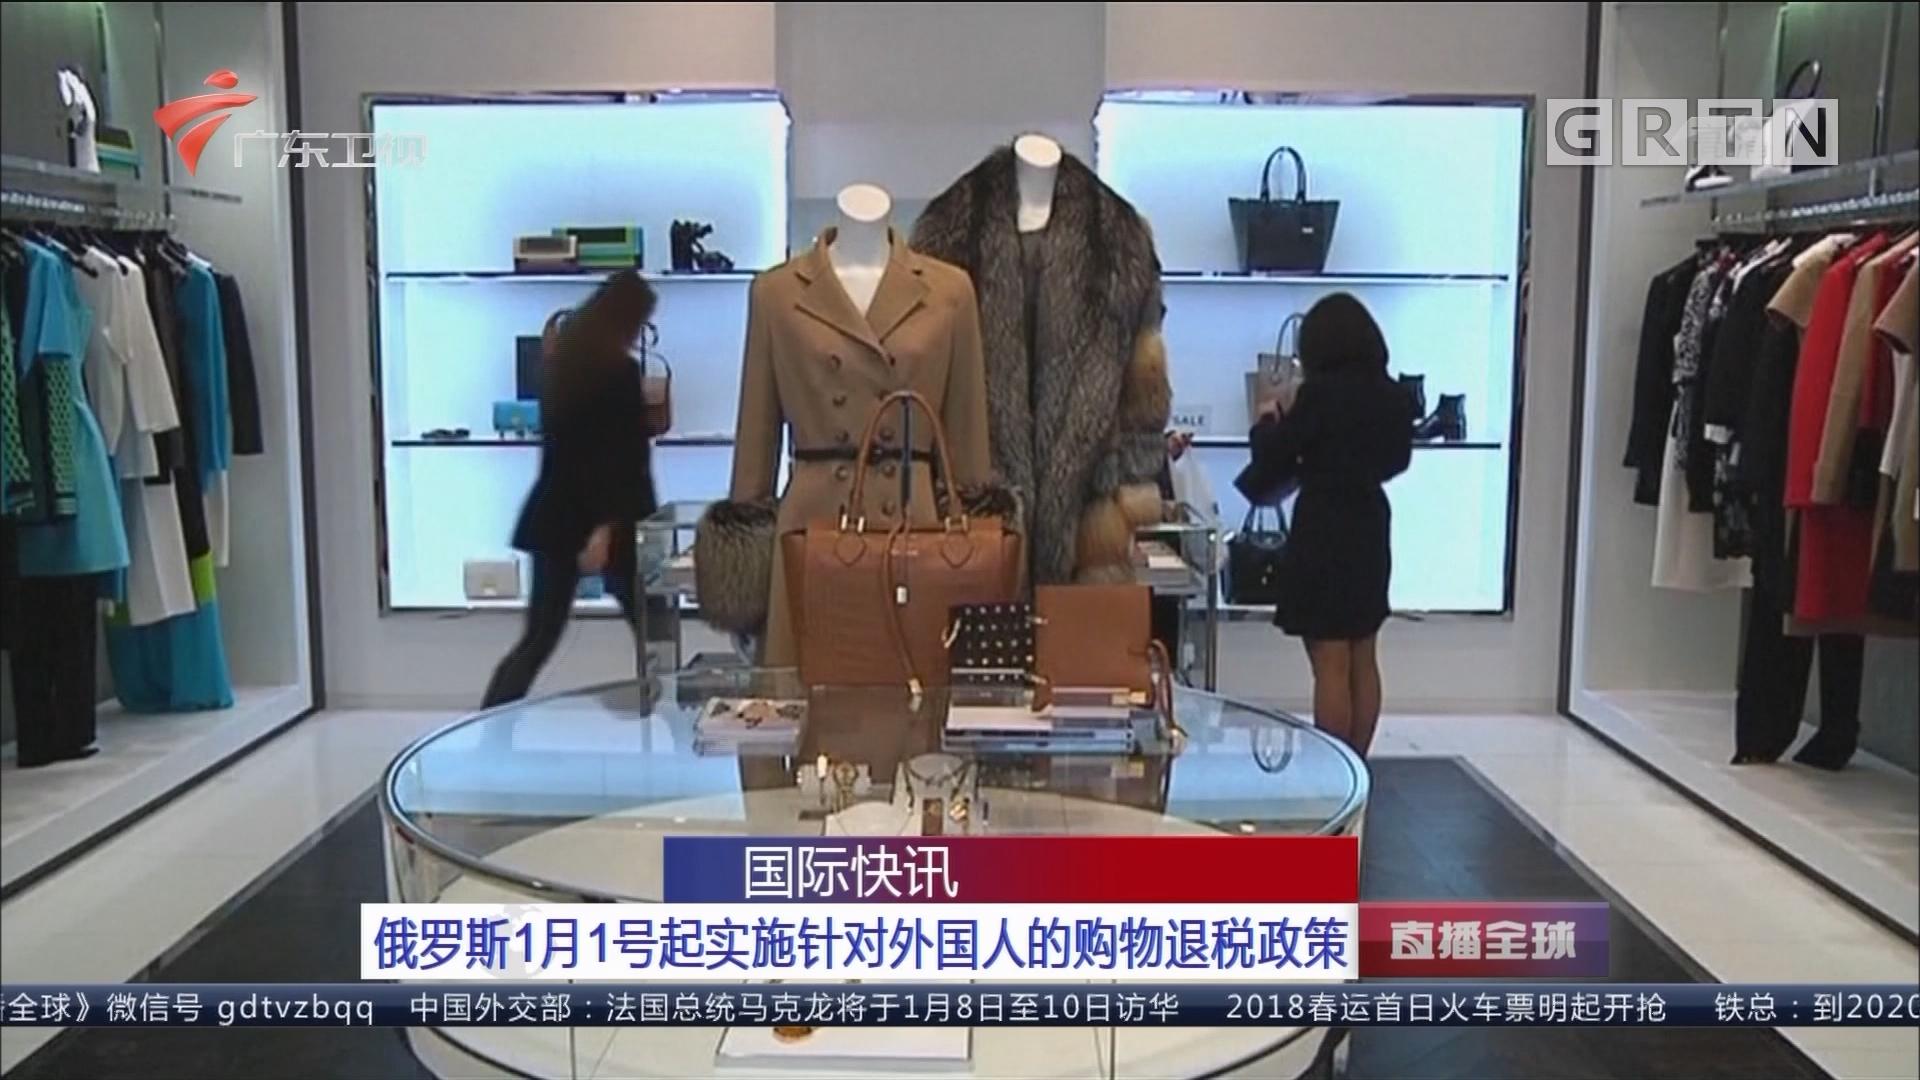 俄罗斯1月1日起实施针对外国人的购物退税政策